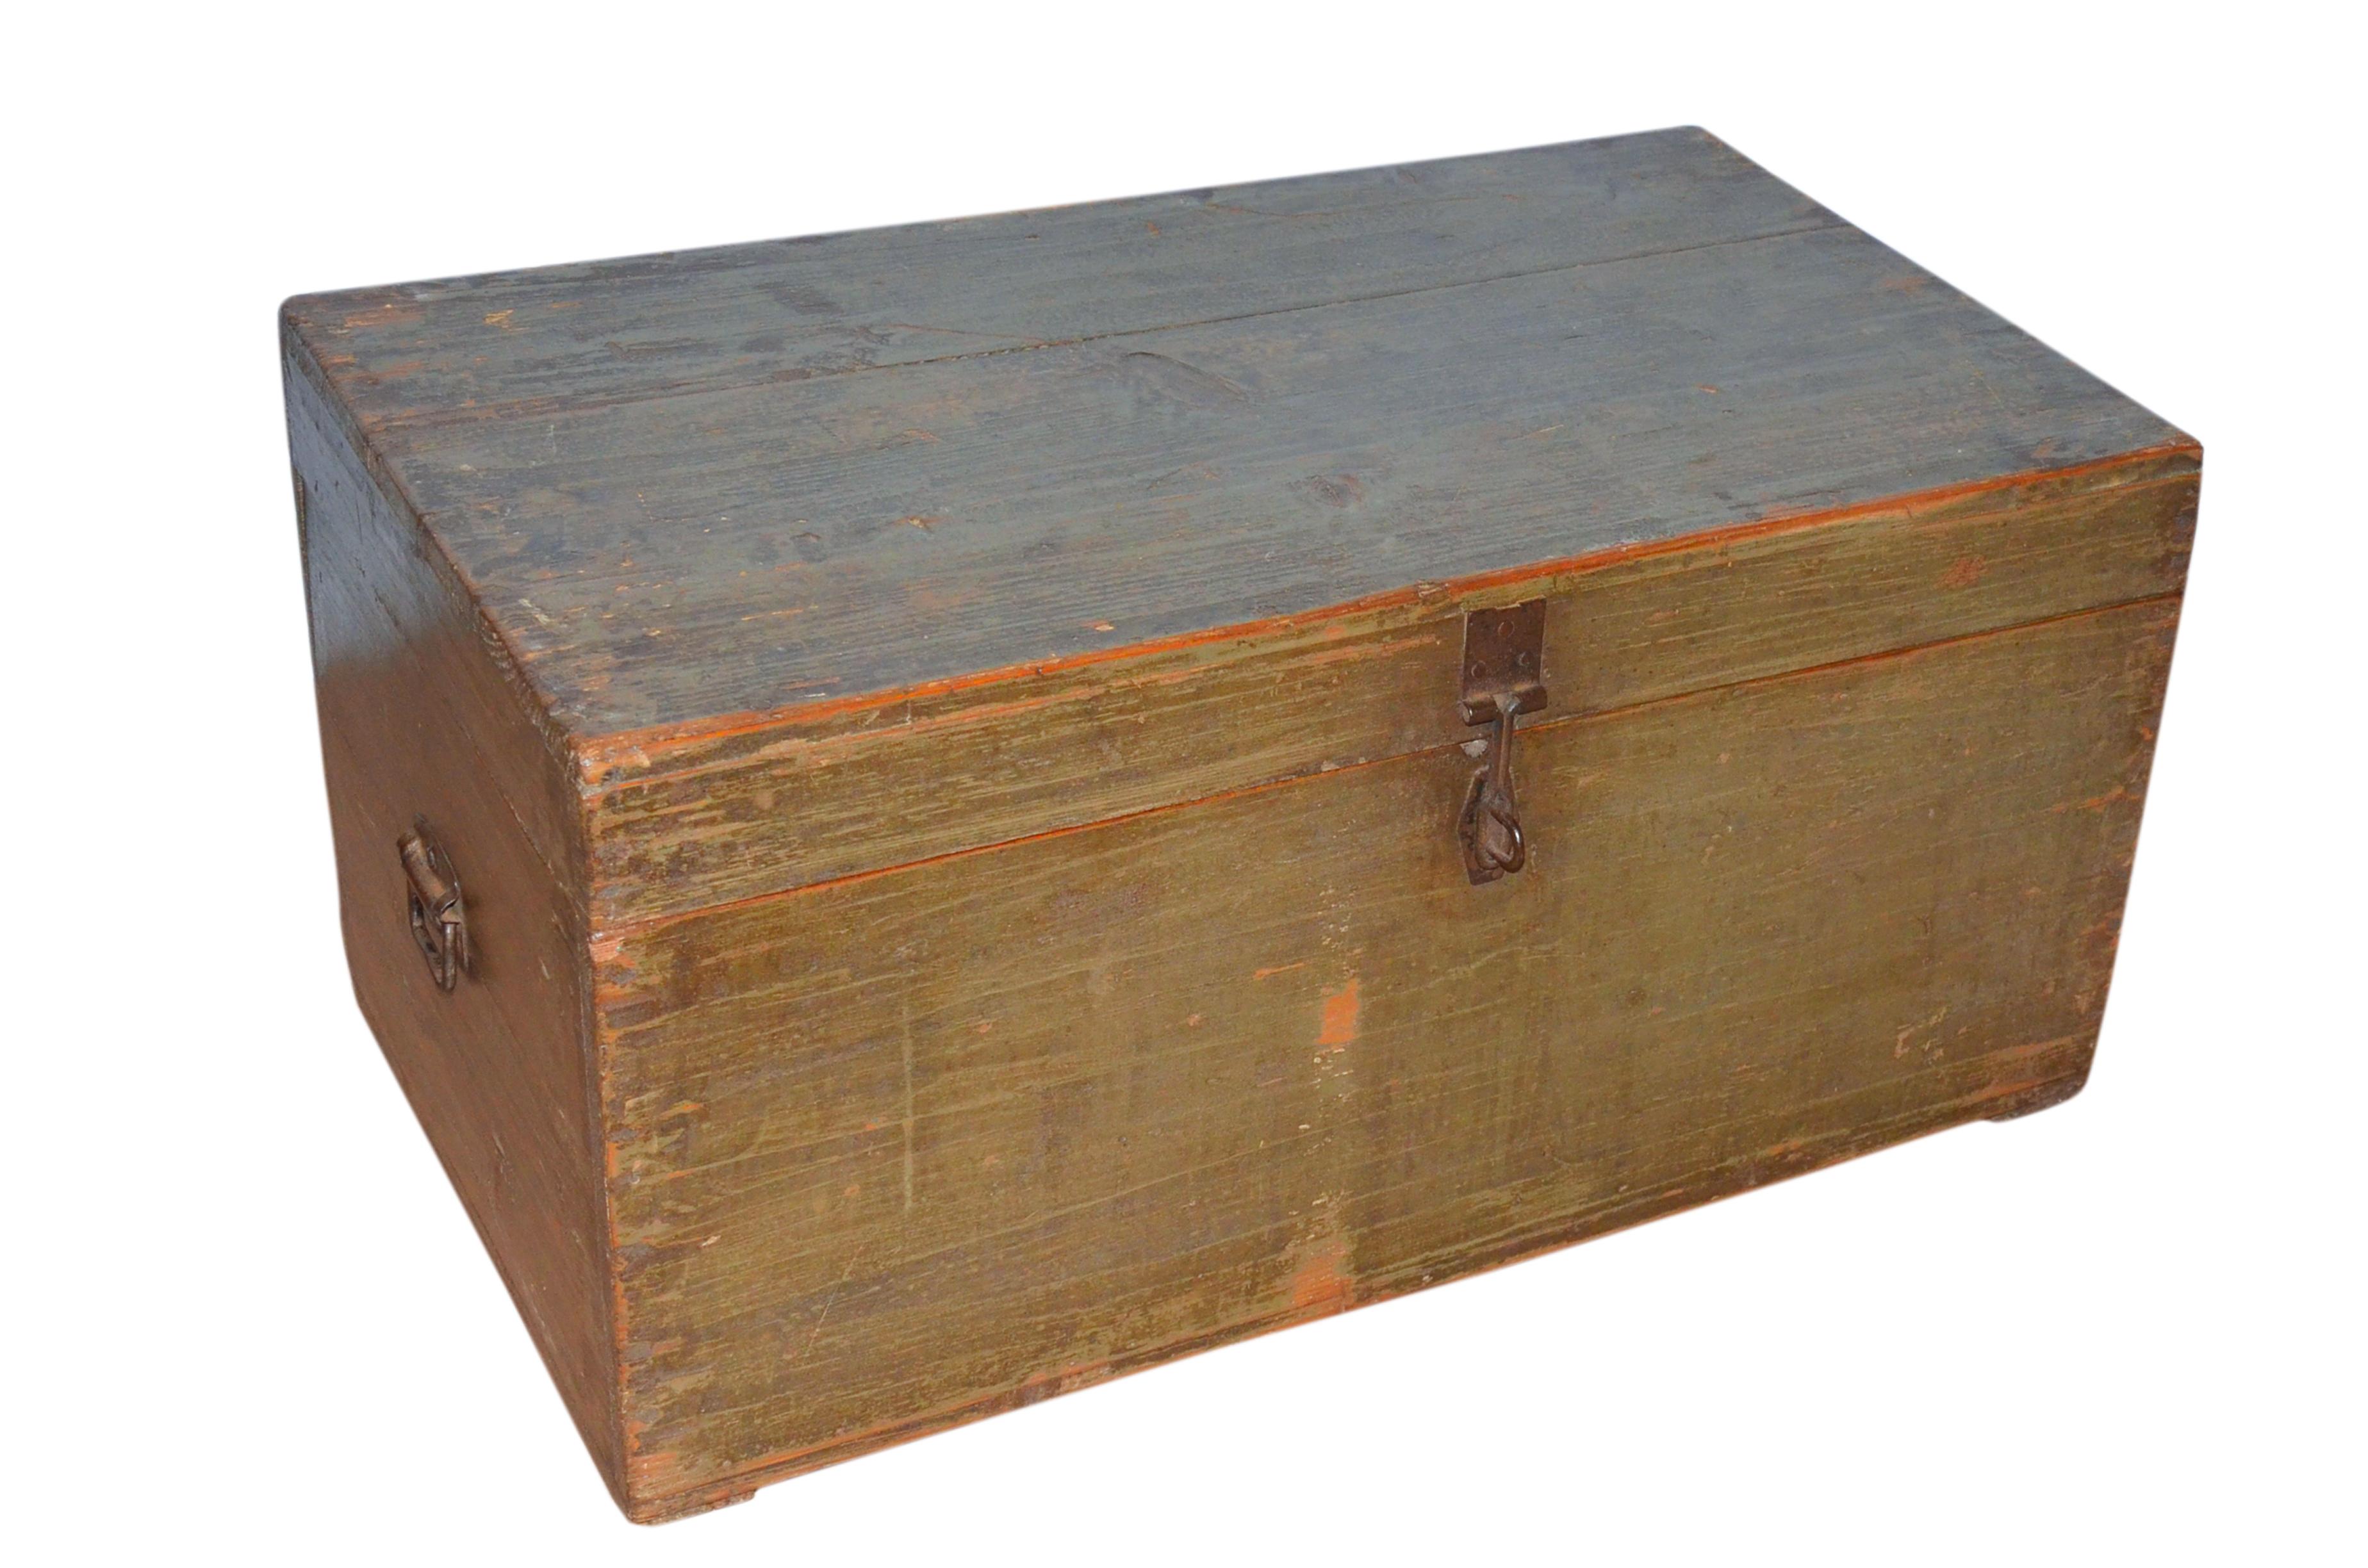 ANJO903C - 60 x 40 x 30 cm